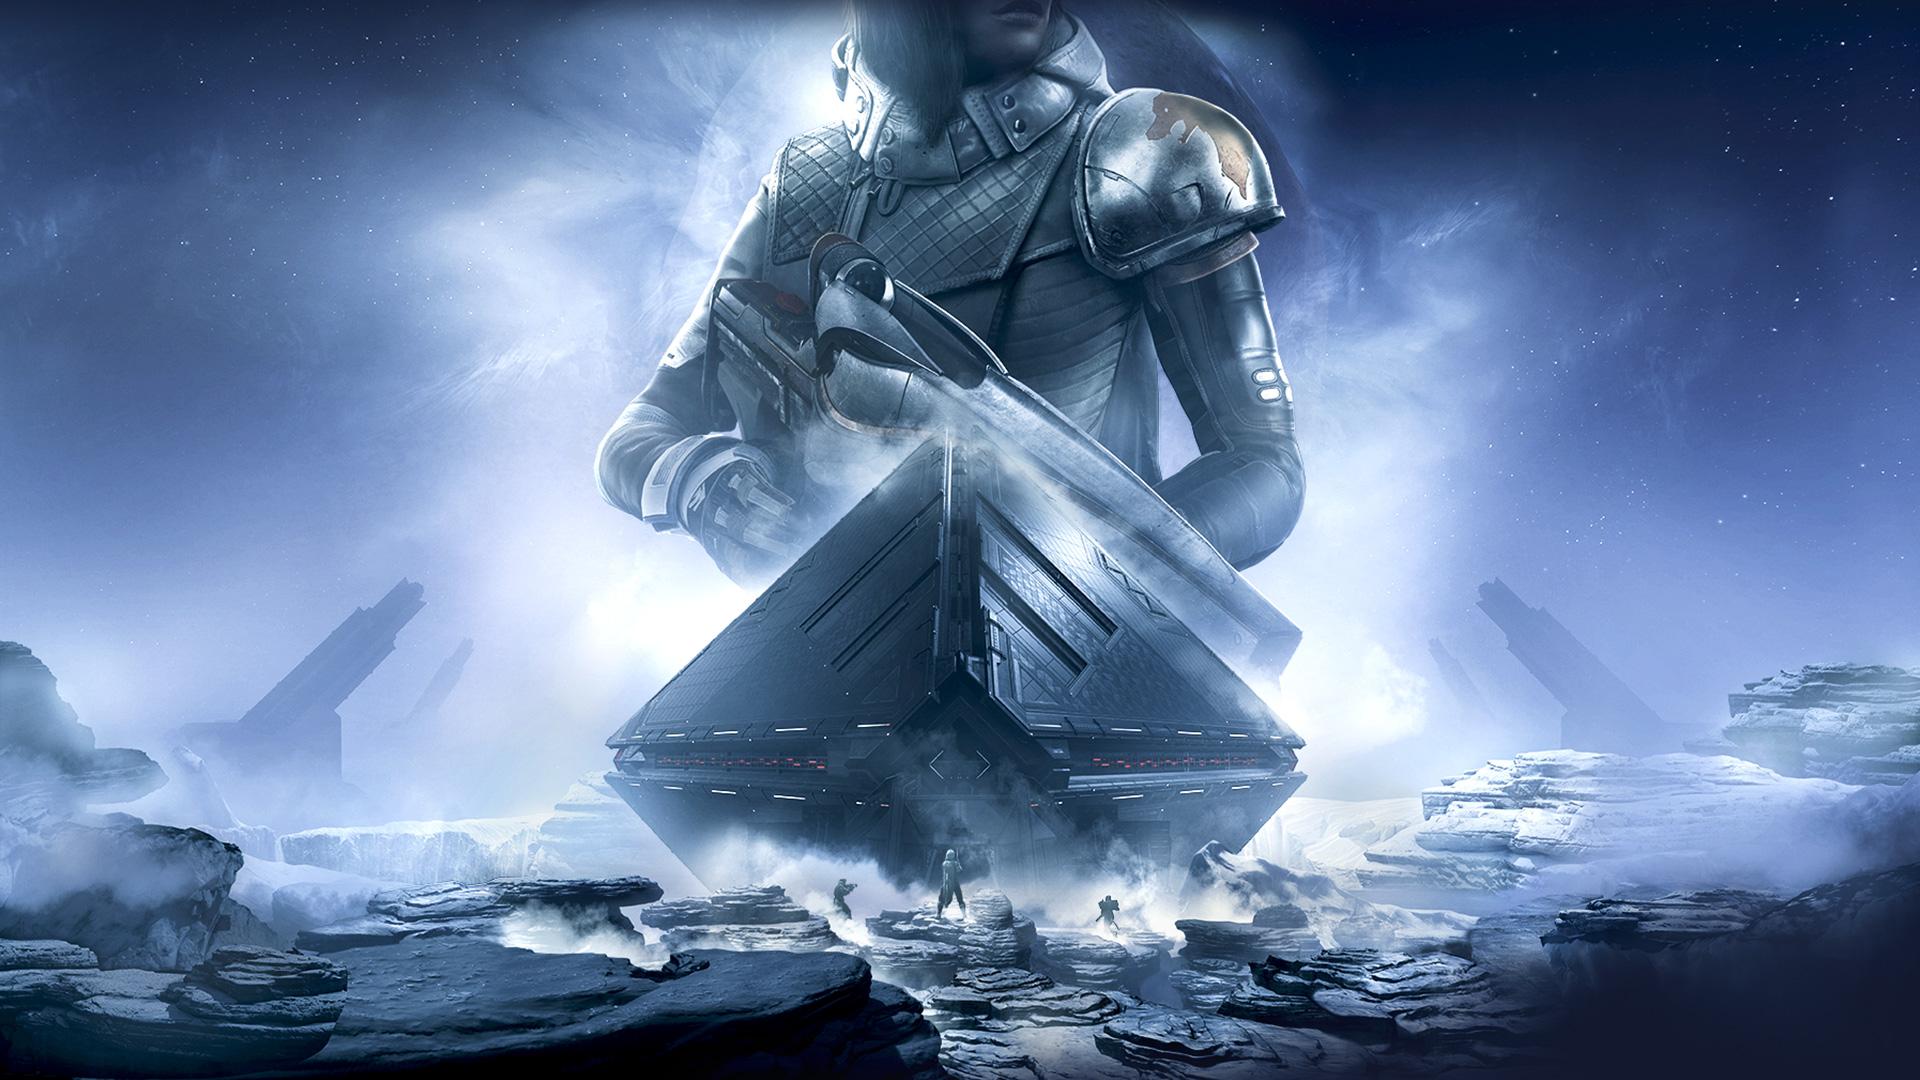 Destiny 2 1080p Wallpaper: Destiny 2 1080P, HD Games, 4k Wallpapers, Images